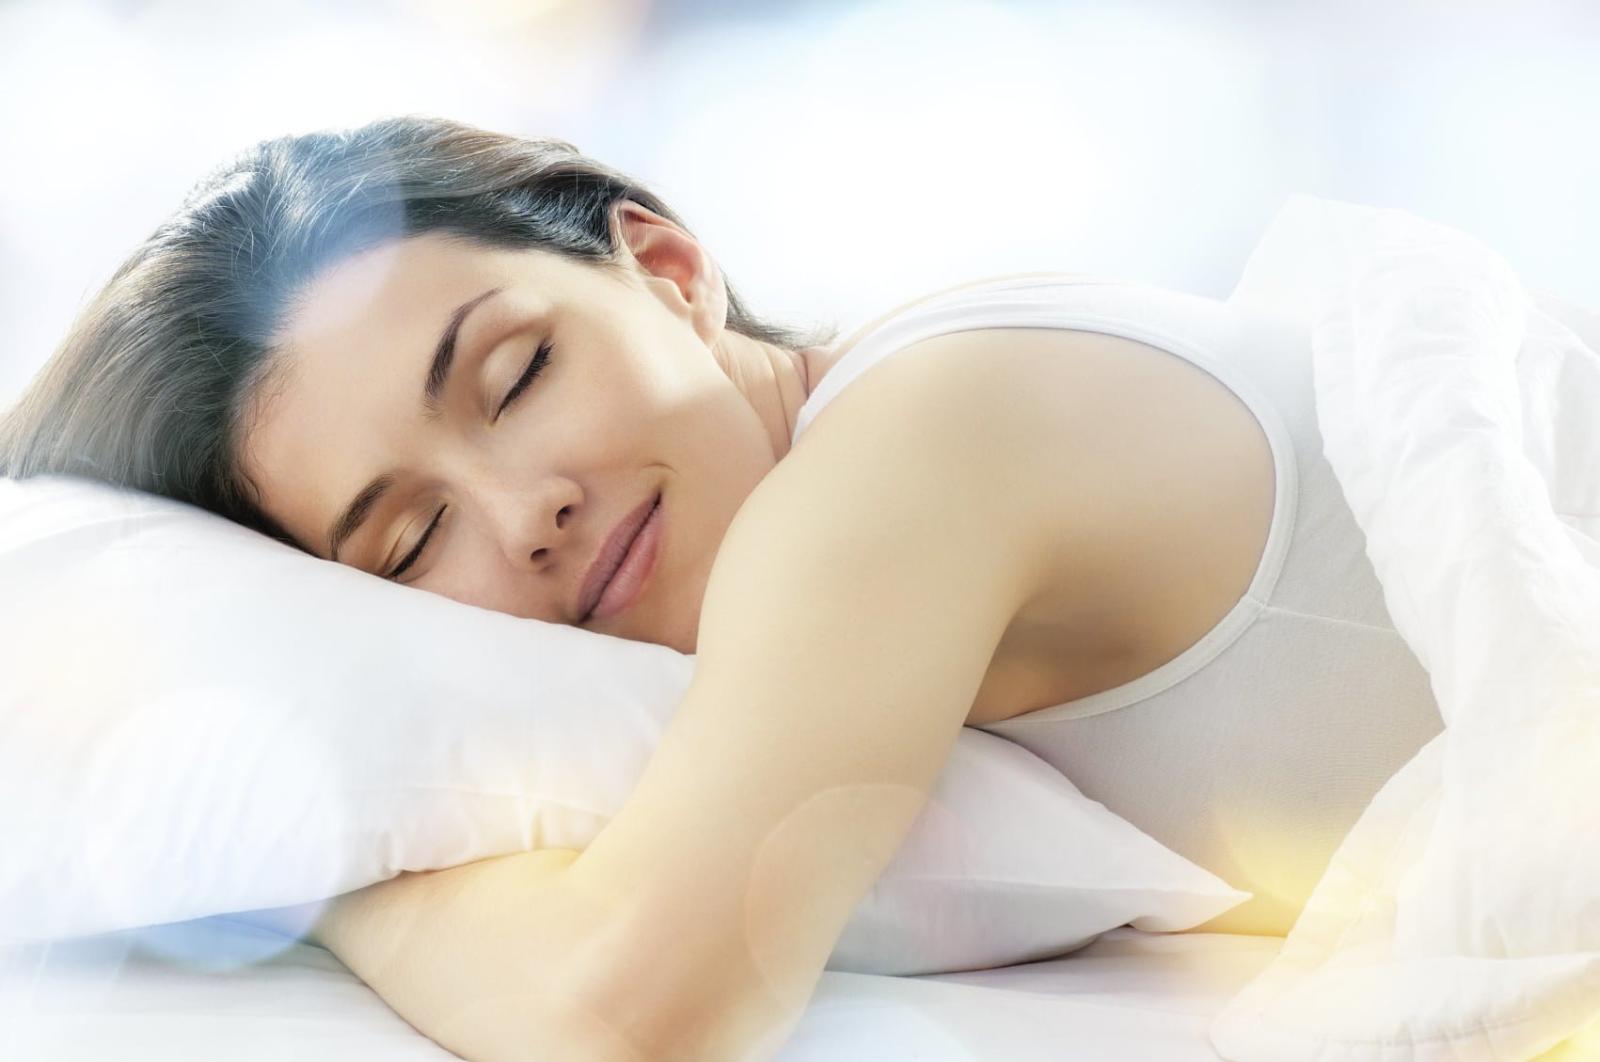 trà hoa hồng giúp bạn ngủ ngon hơn